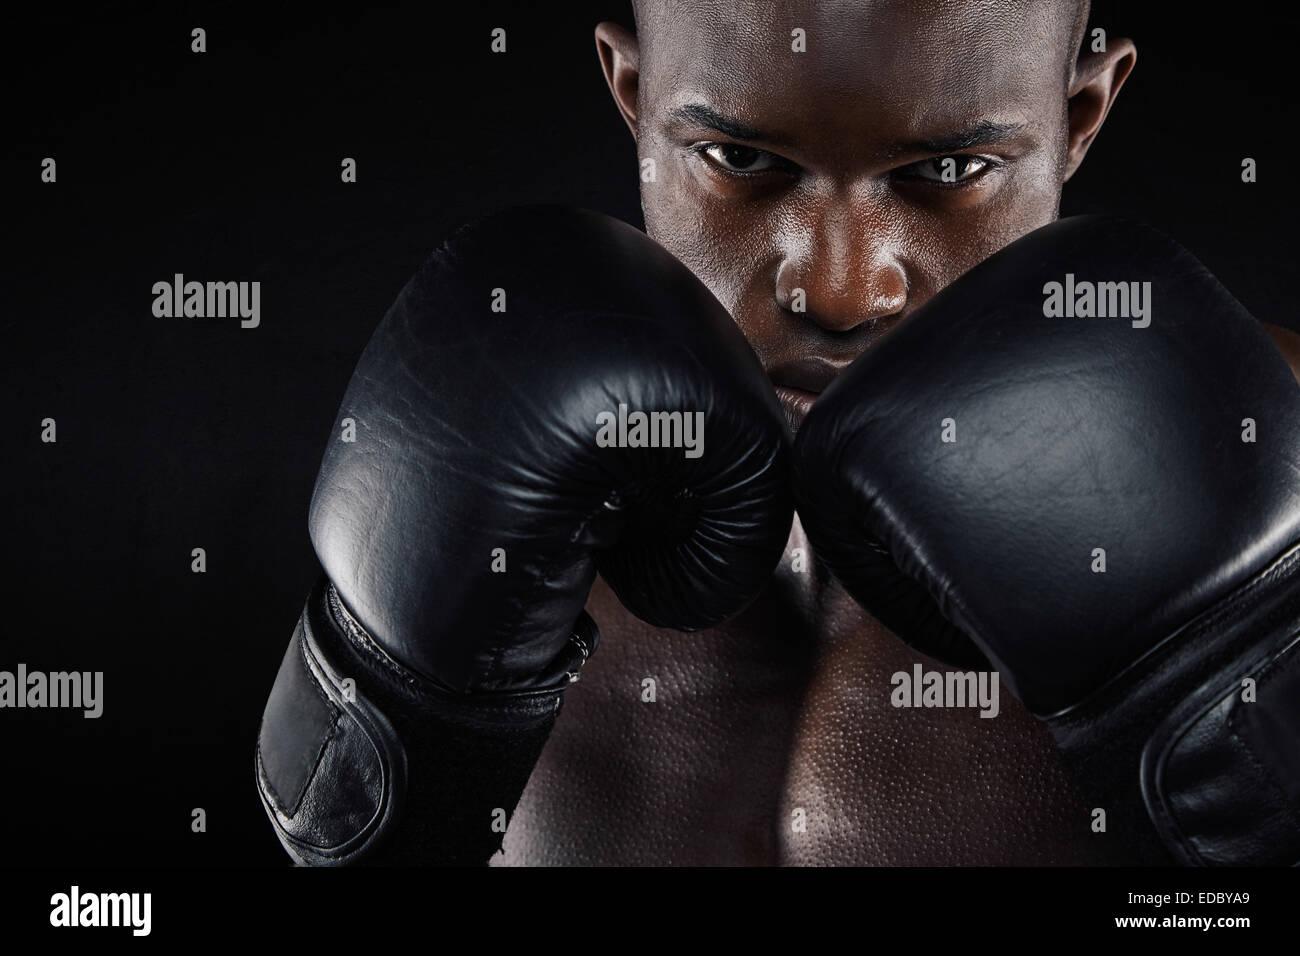 Porträt eines jungen männlichen Boxer in Kampfposition auf schwarzem Hintergrund. Junger Mann Sport Boxen. Stockbild